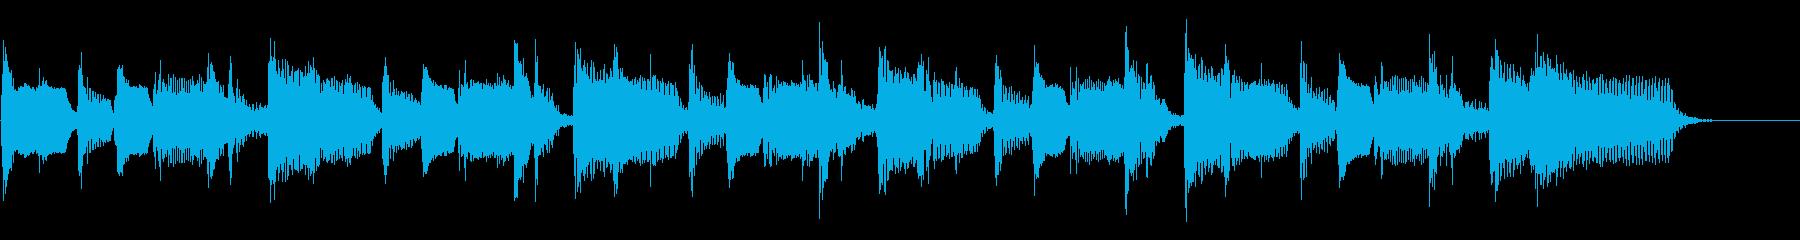 マルガリータ、ファーストテンポ、ノ...の再生済みの波形